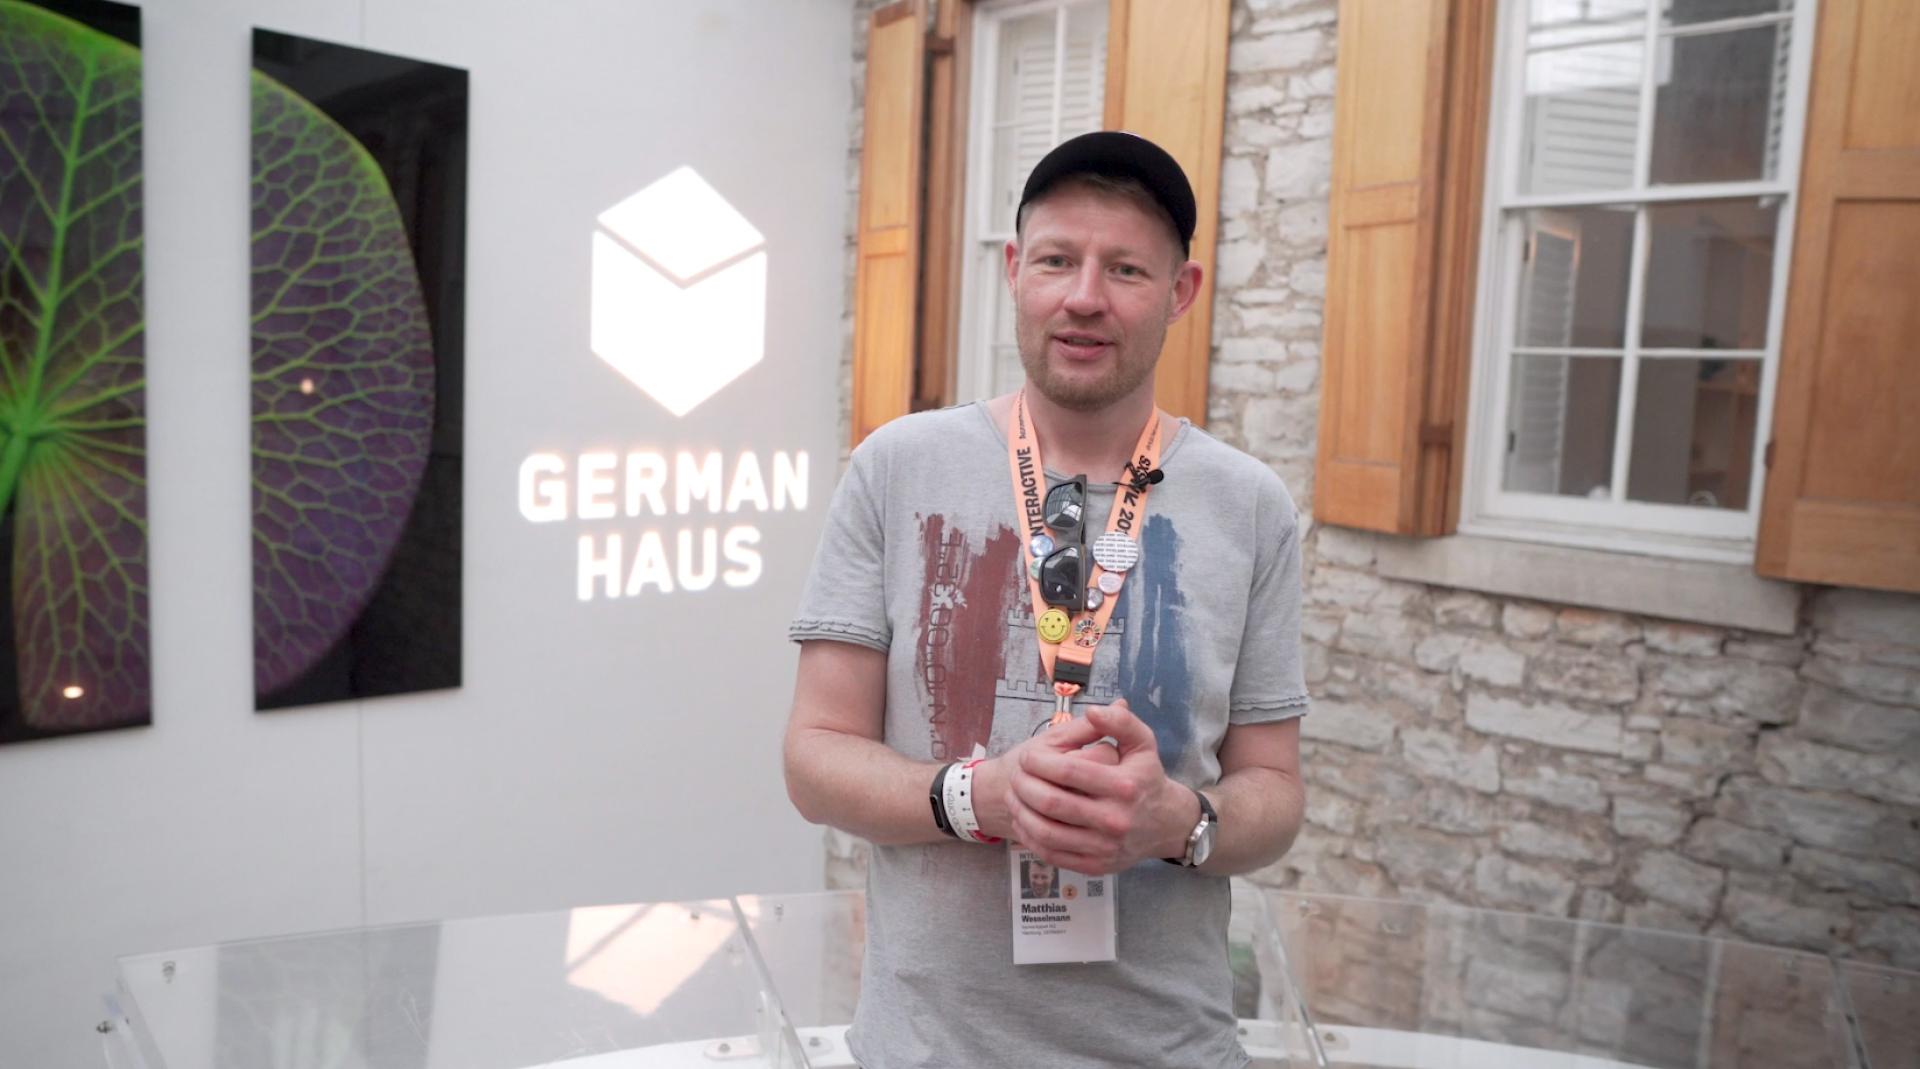 Fischer Appelt SXSW 2019 German Haus